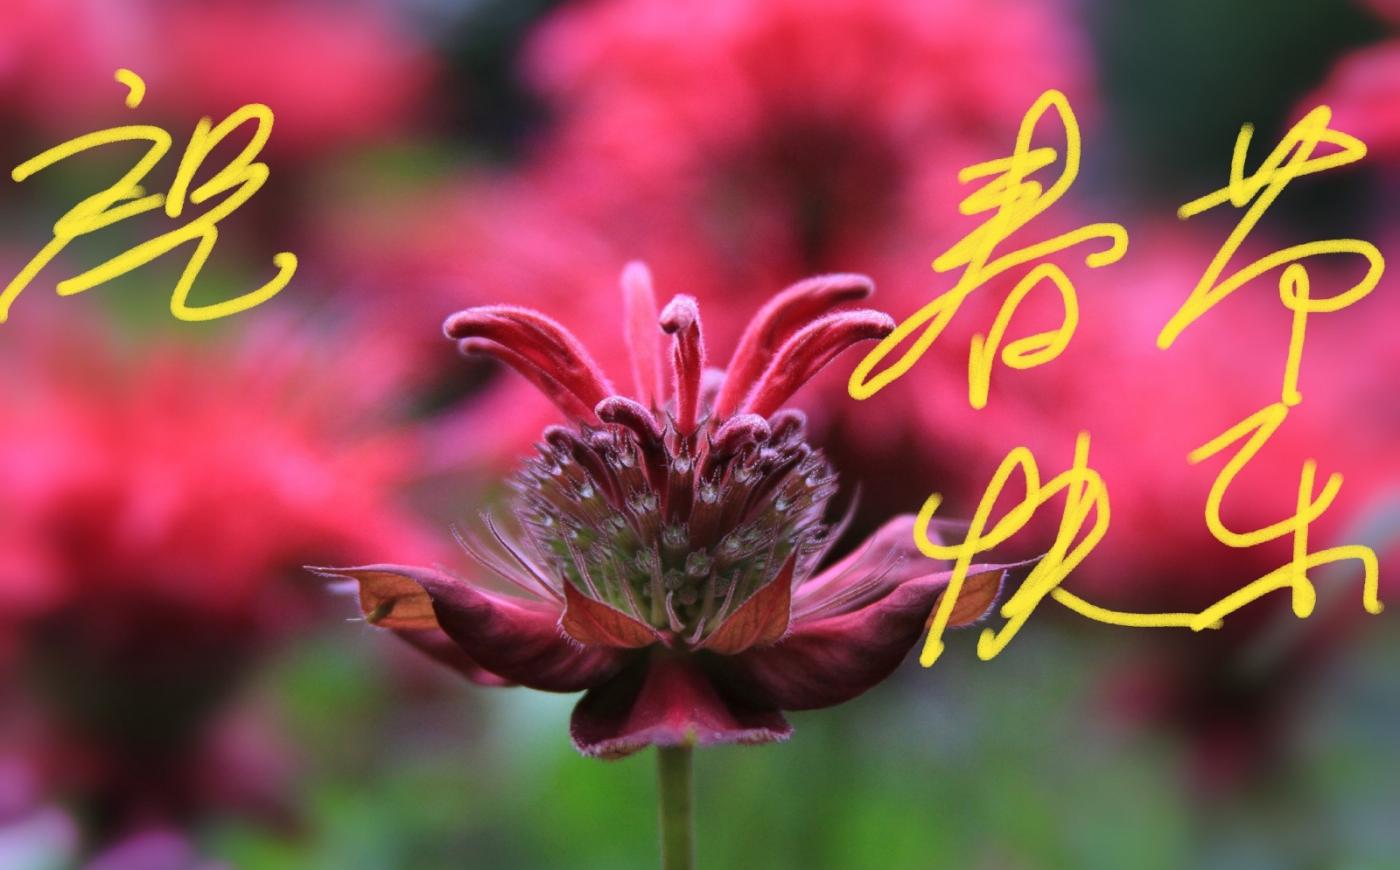 [田螺摄影]把祝福写进花开里 新年好!_图1-12